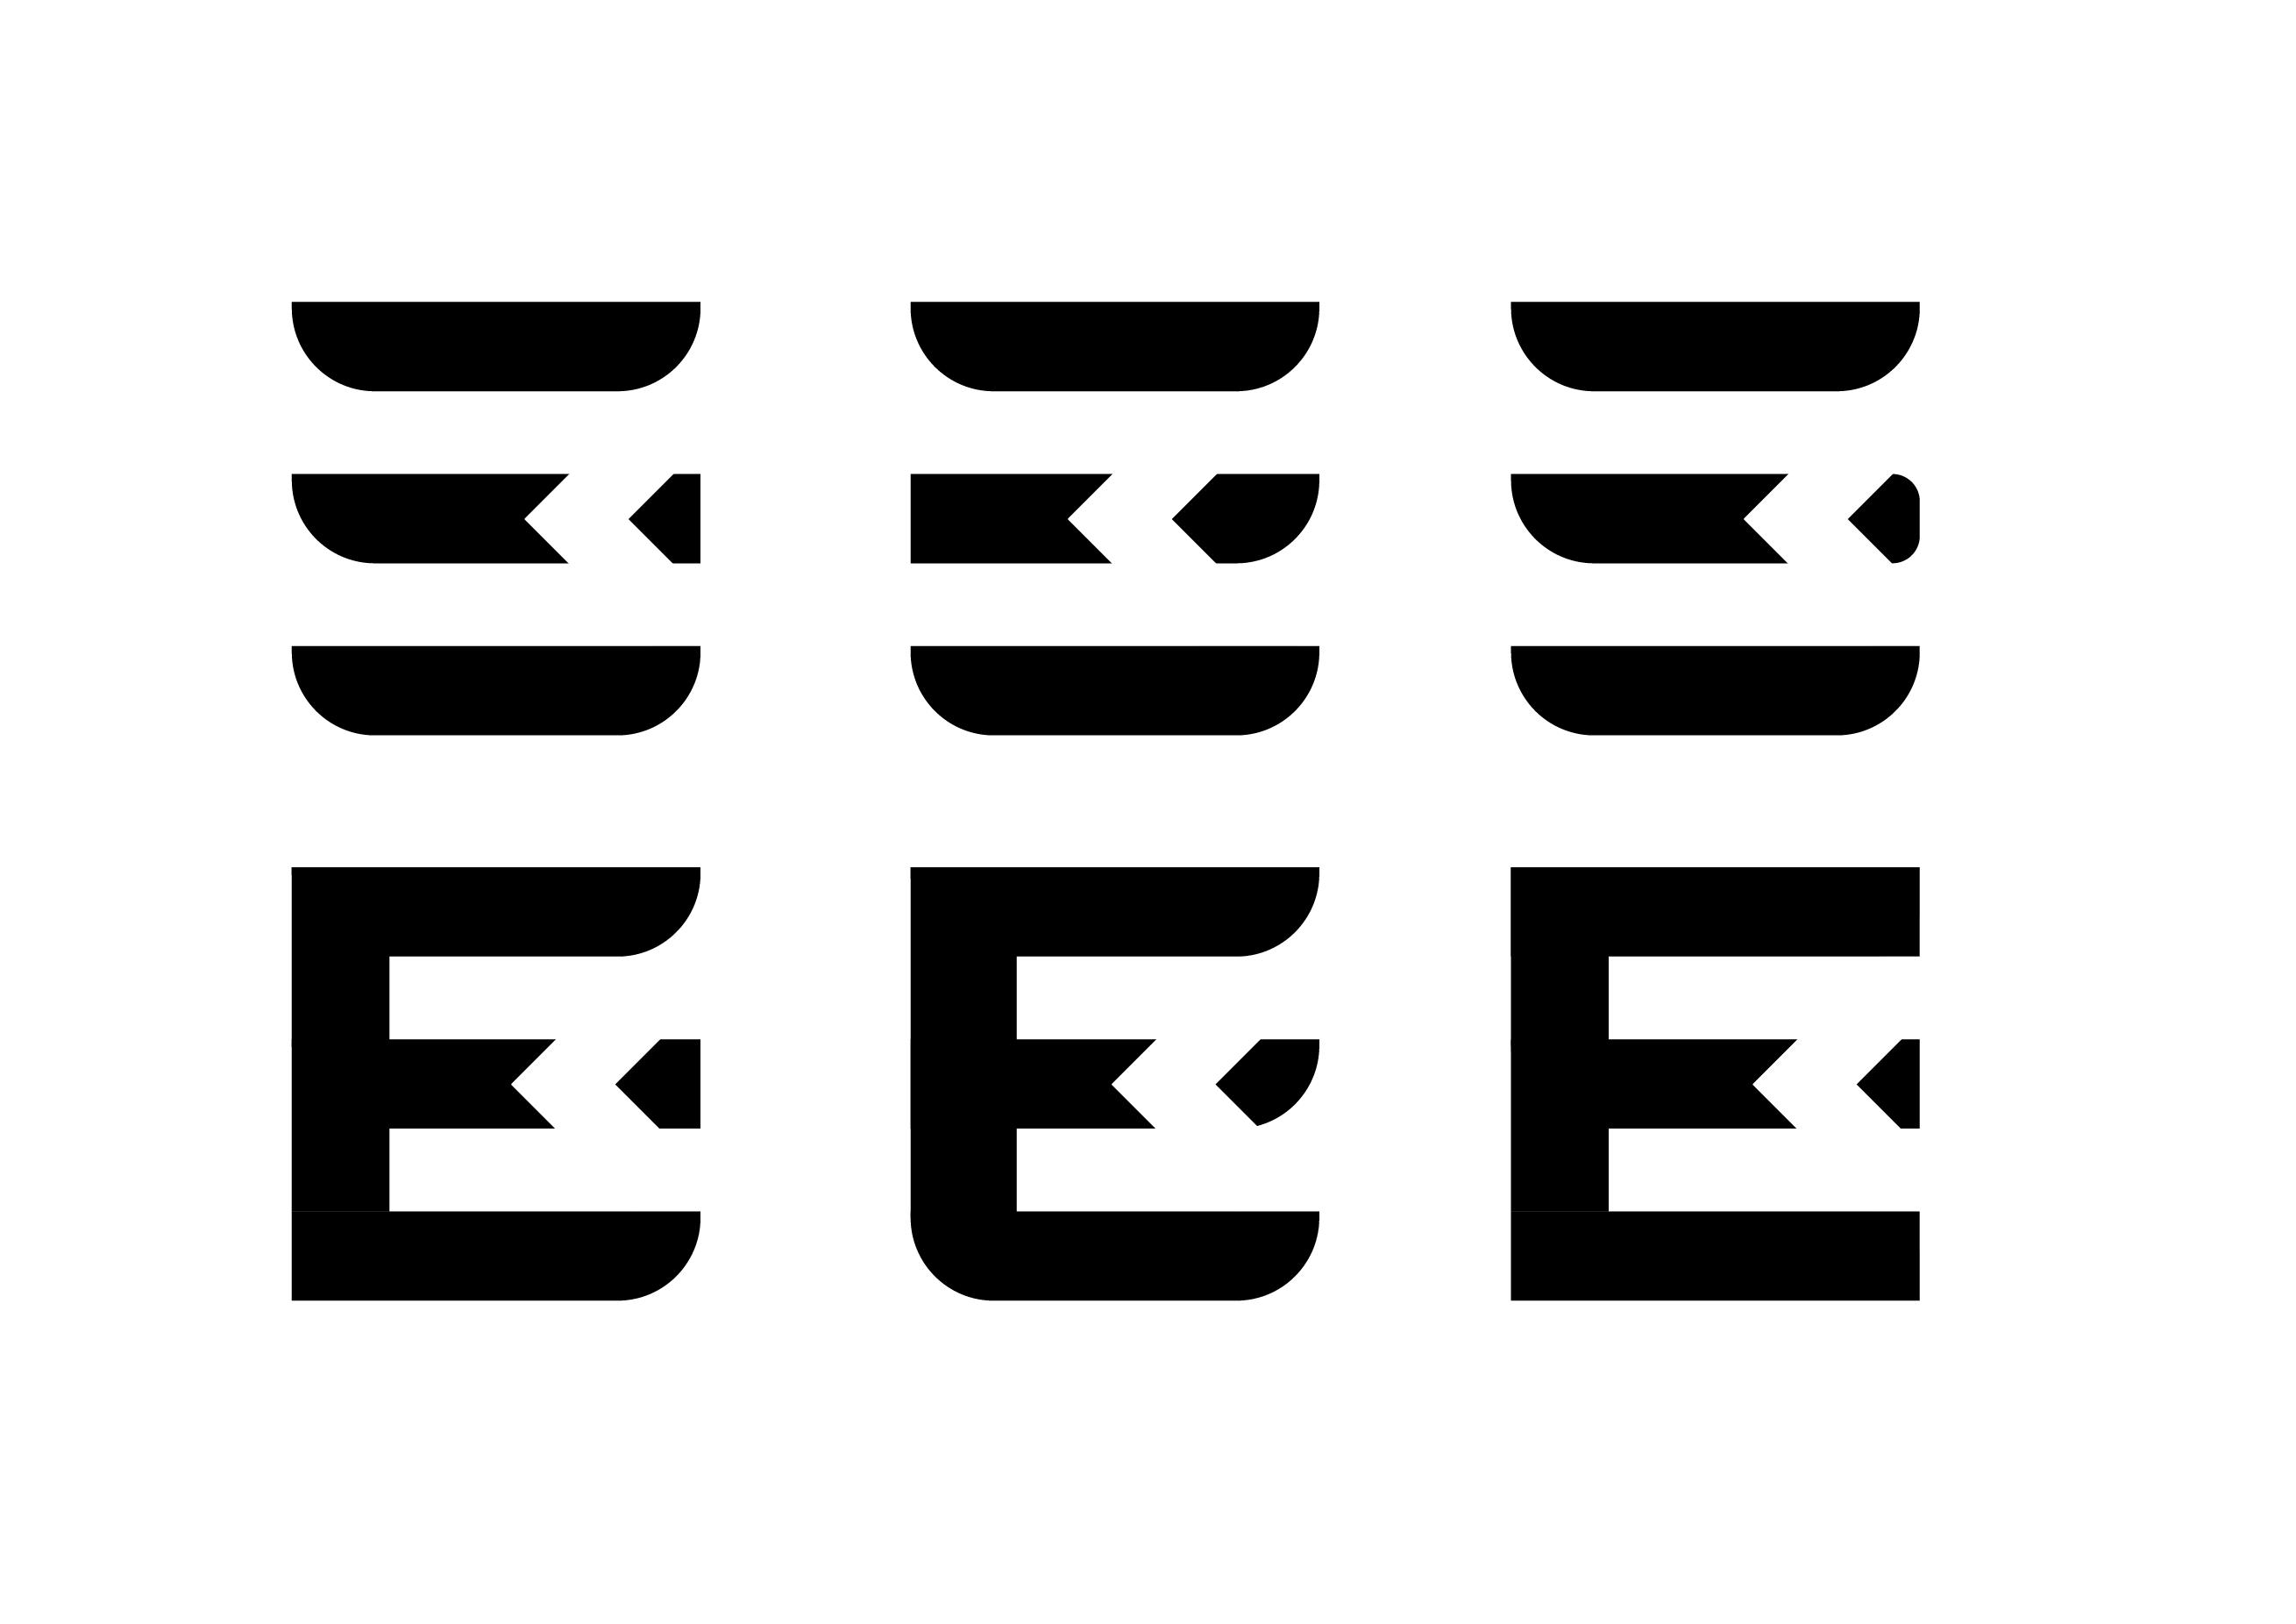 Логотип для новостного сайта  фото f_1205b6df16944a8d.png